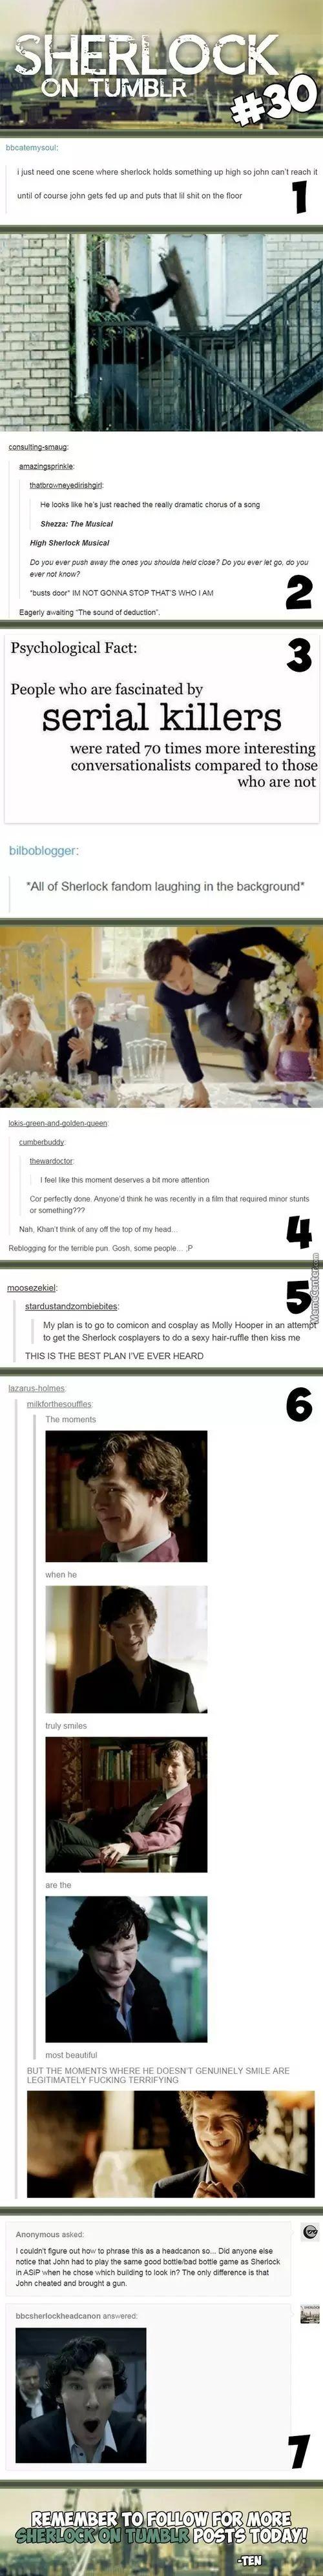 Sherlock On Tumblr #30